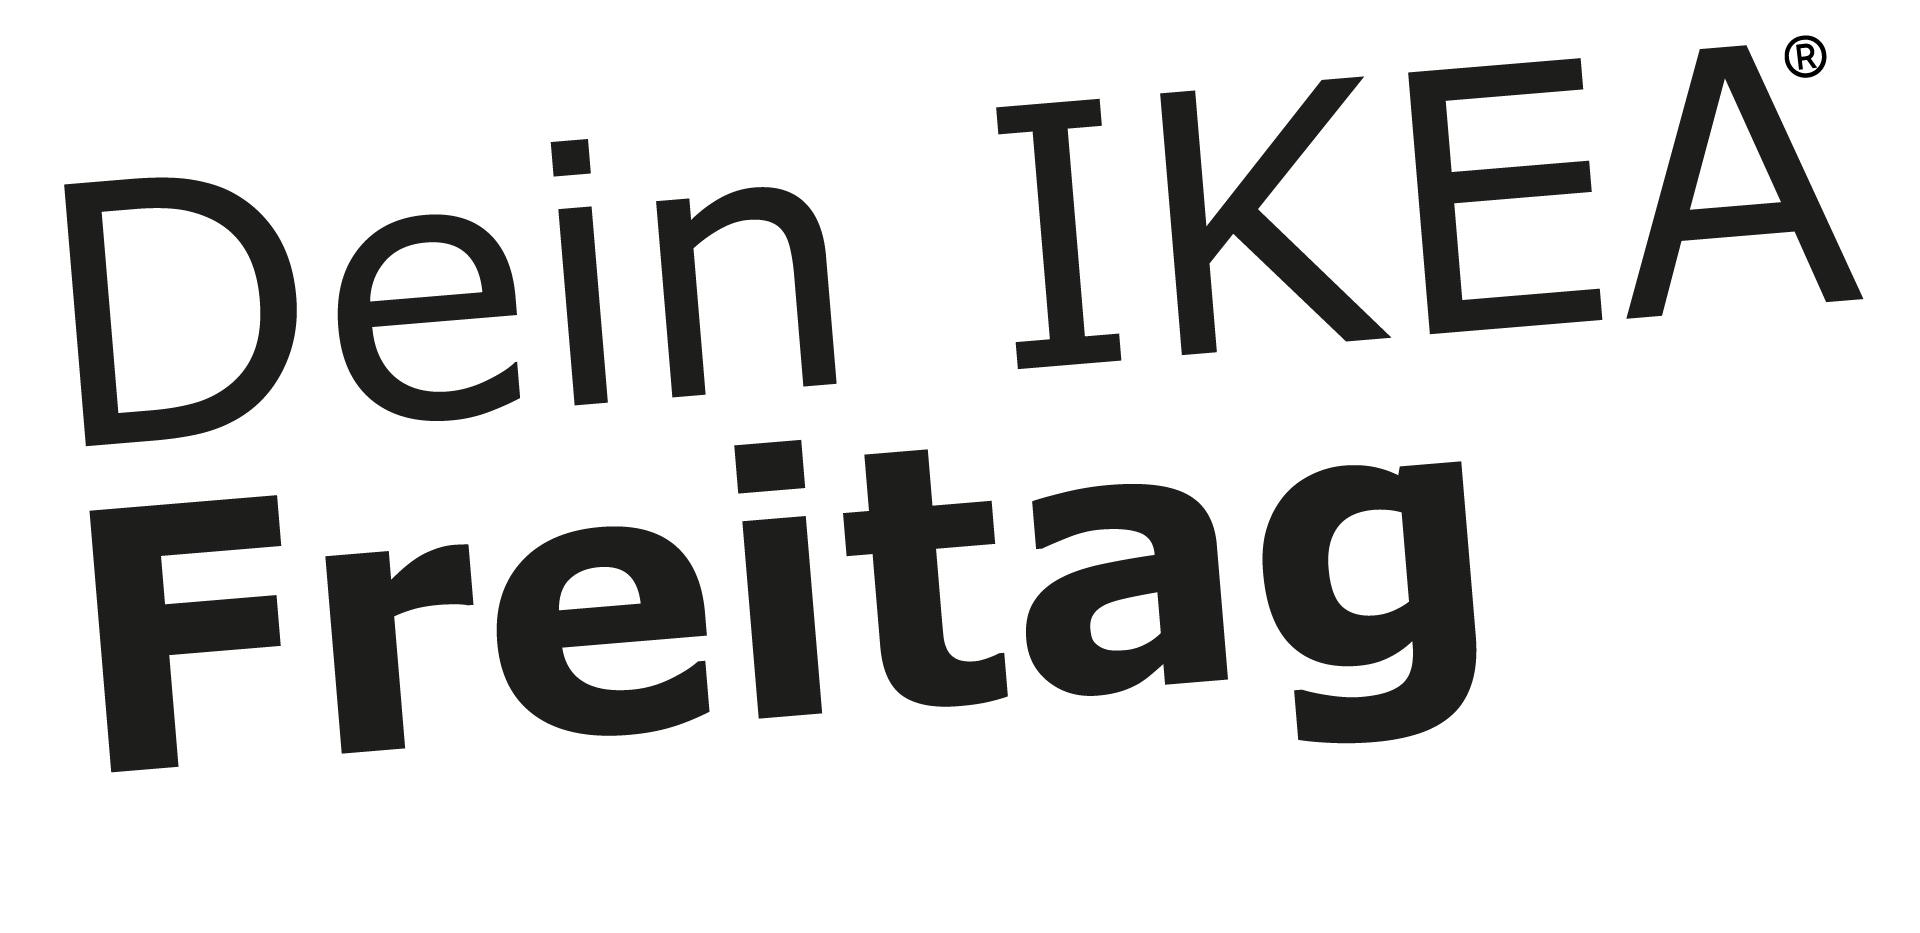 langfredag_zeichenflache-1.png